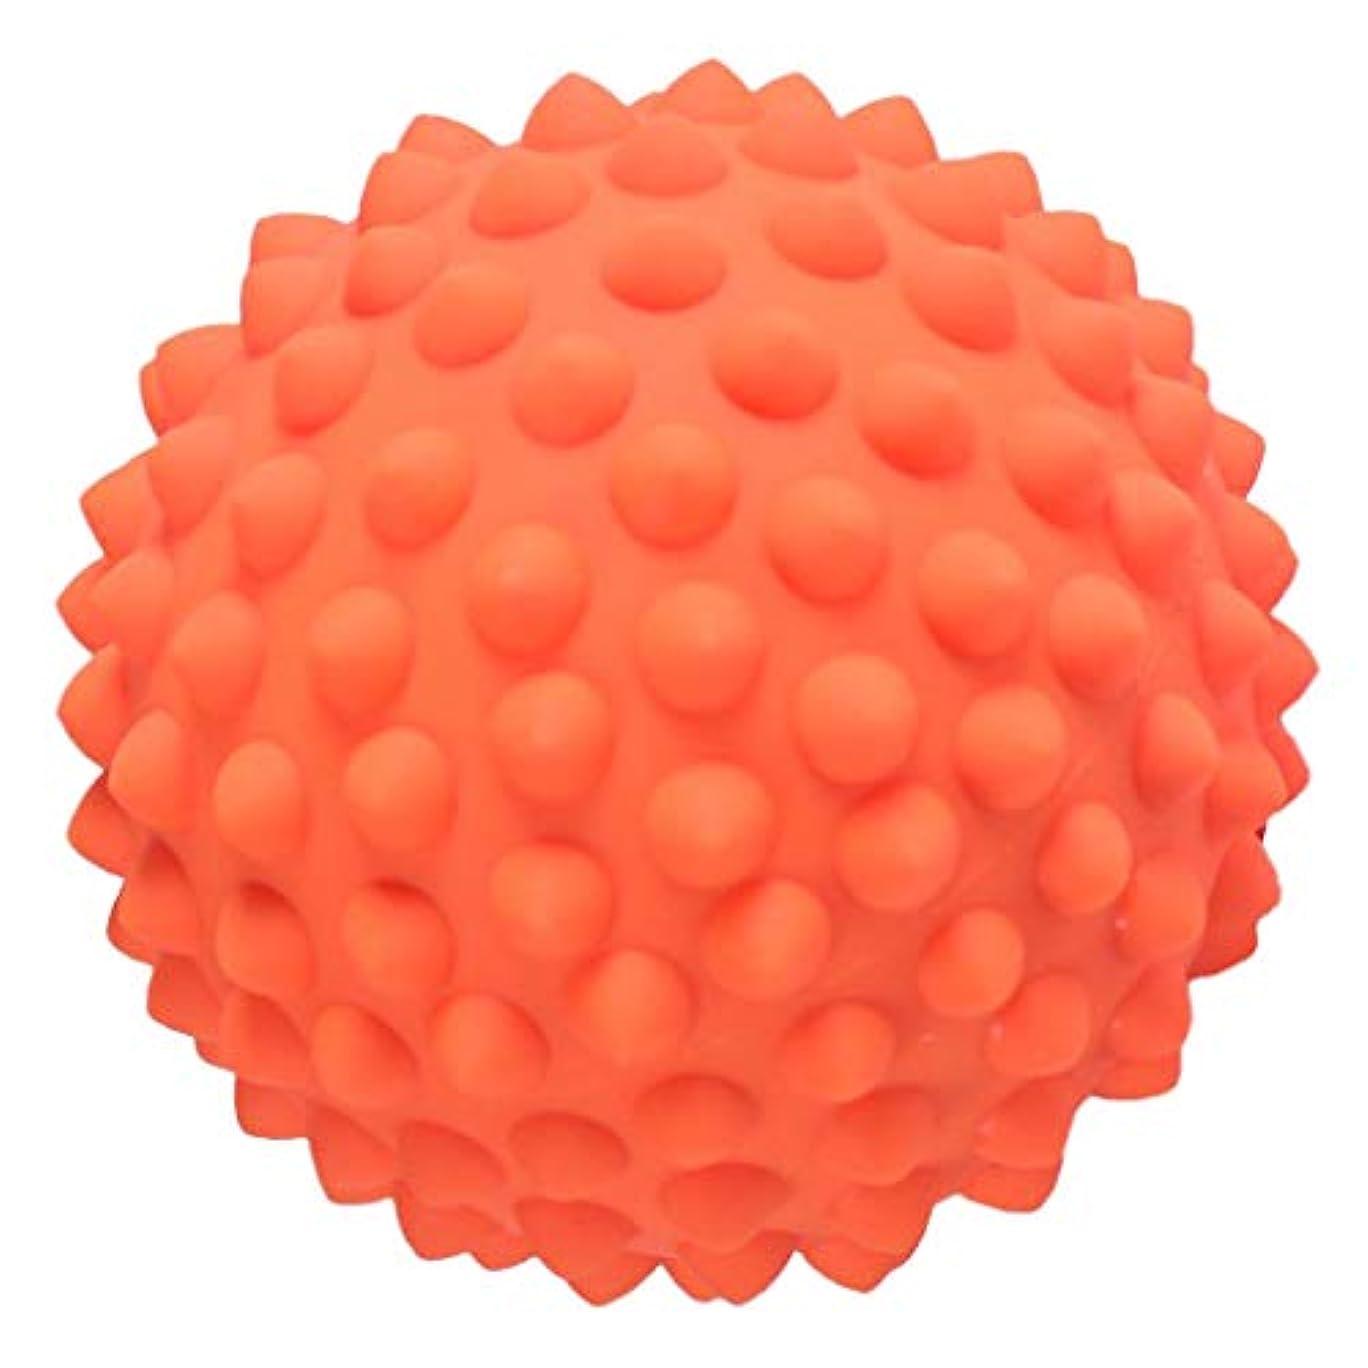 祭司ファンネルウェブスパイダー溝Perfeclan ハードマッサージ マッサージボール ハード トリガーマッサージ ポインマッサージ 3色選べ - オレンジ, 説明のとおり